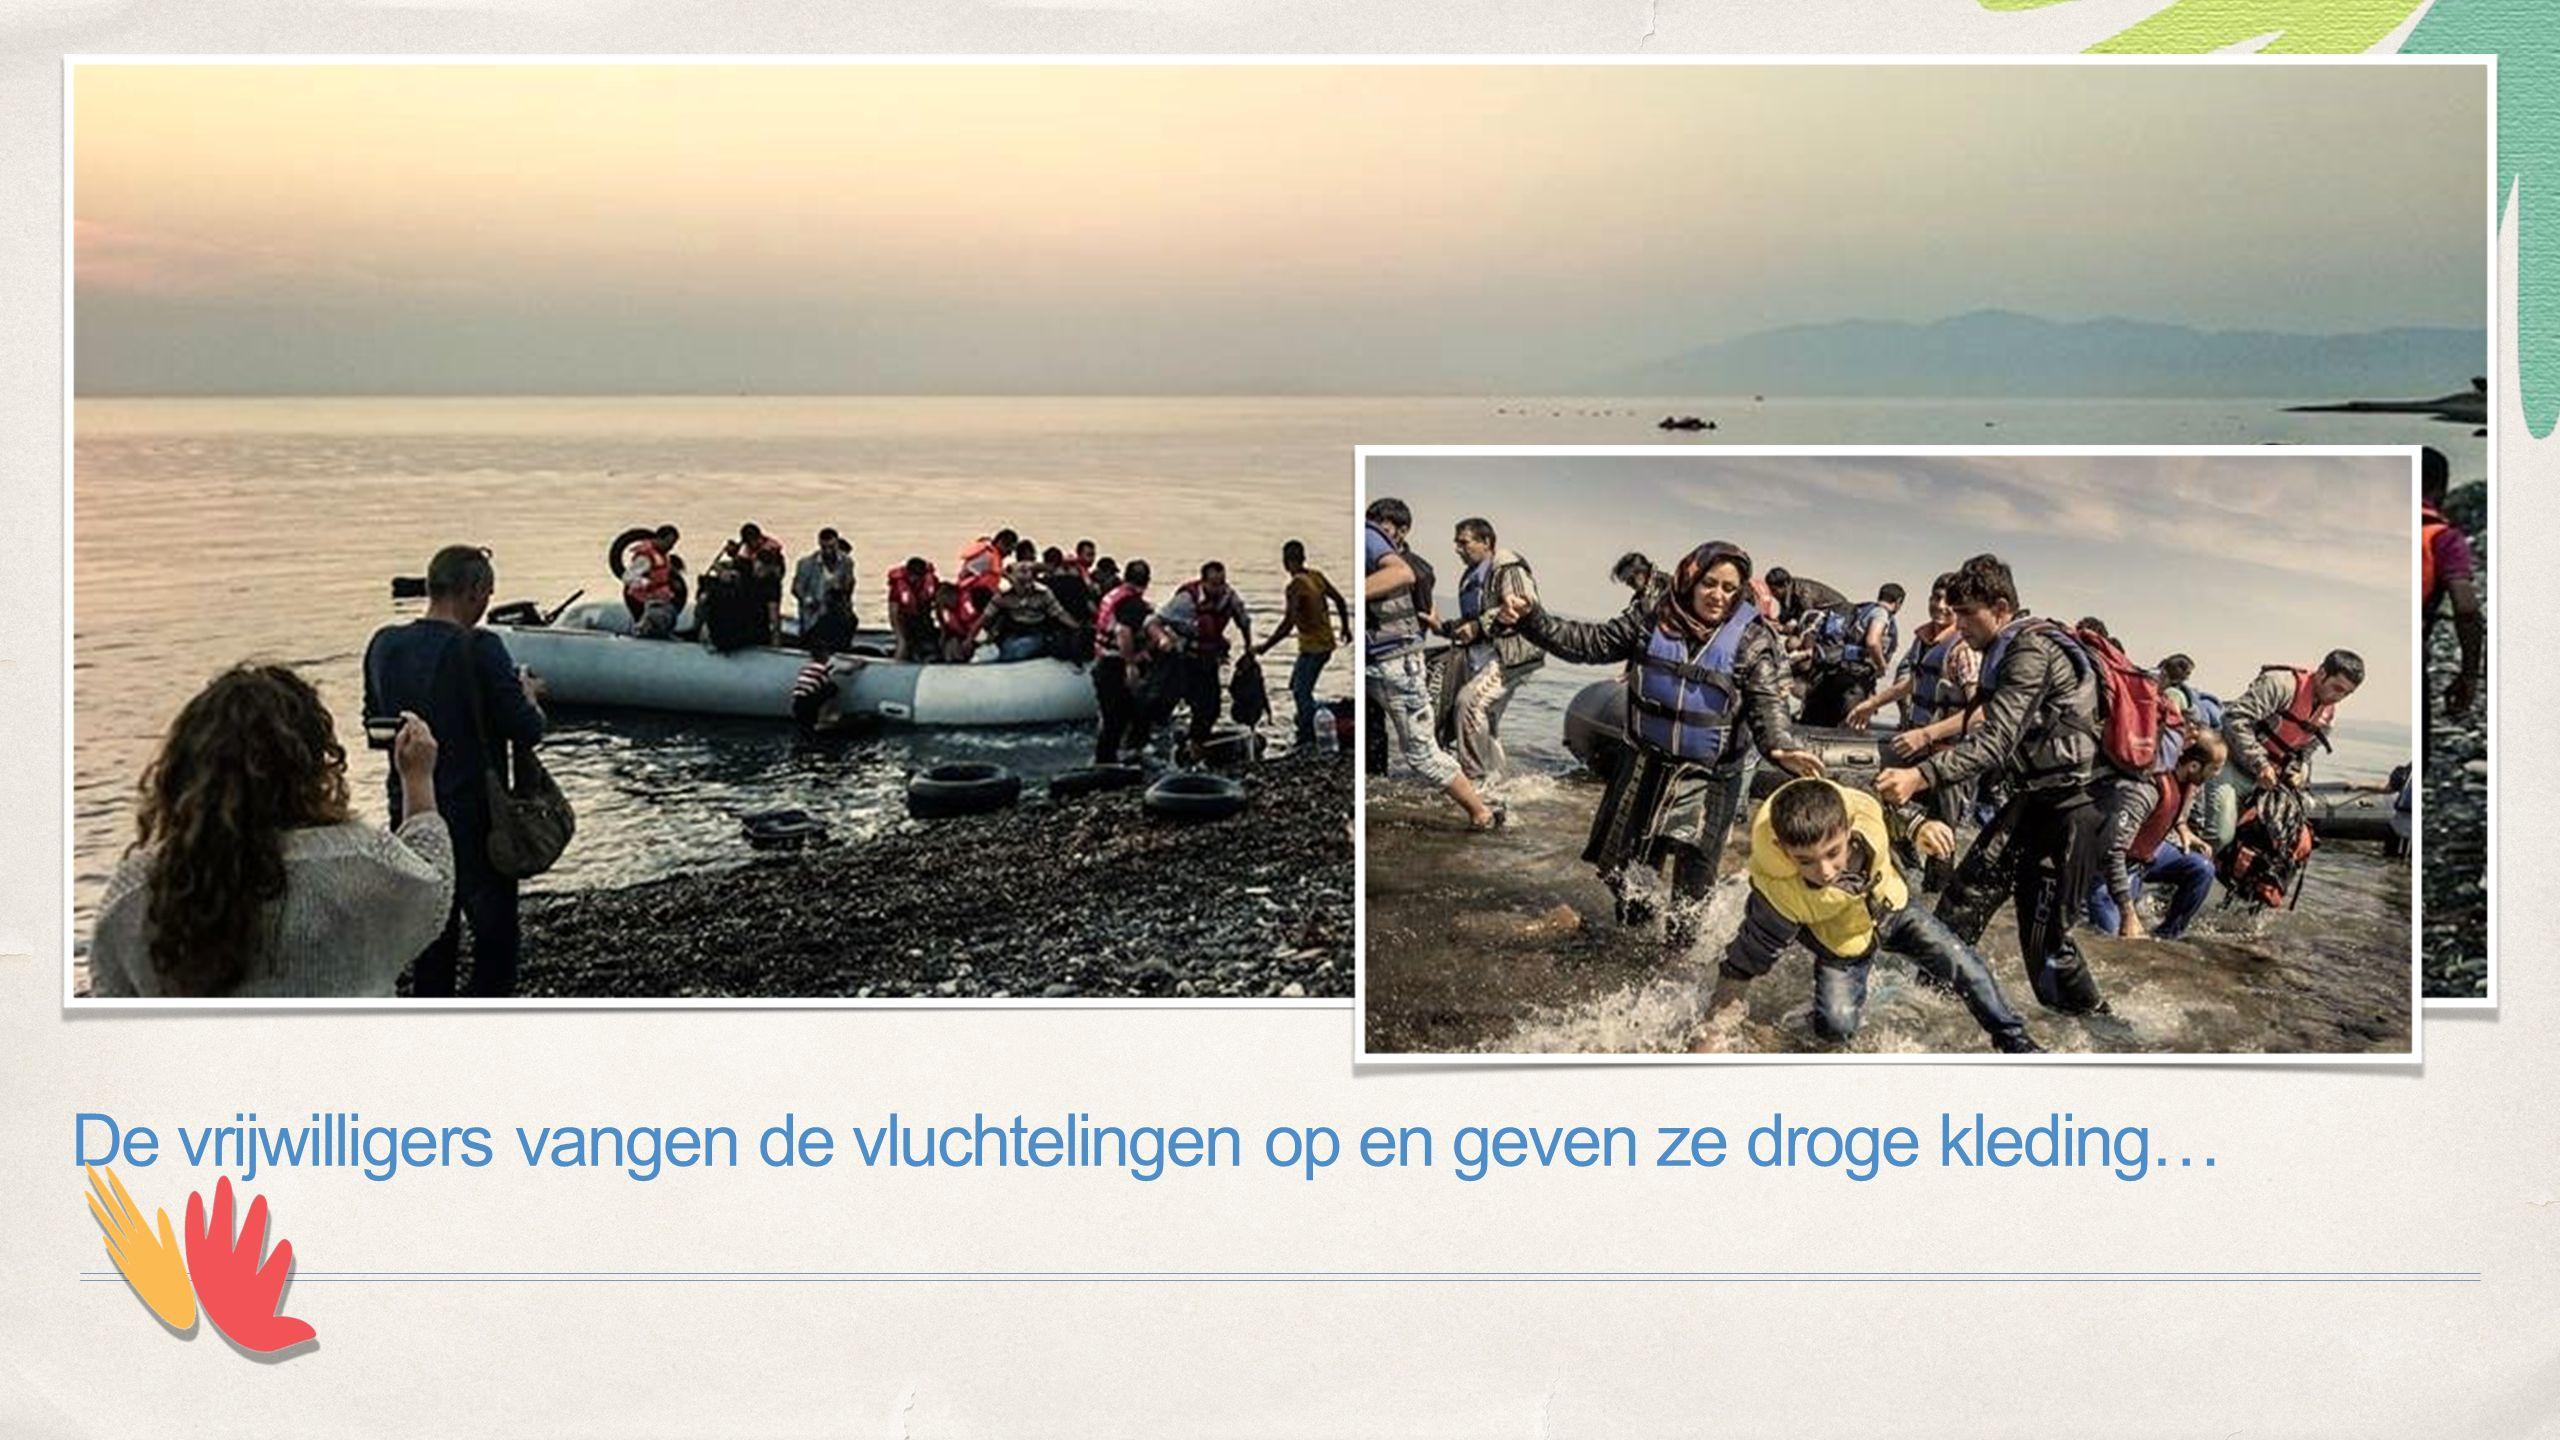 De vrijwilligers vangen de vluchtelingen op en geven ze droge kleding…